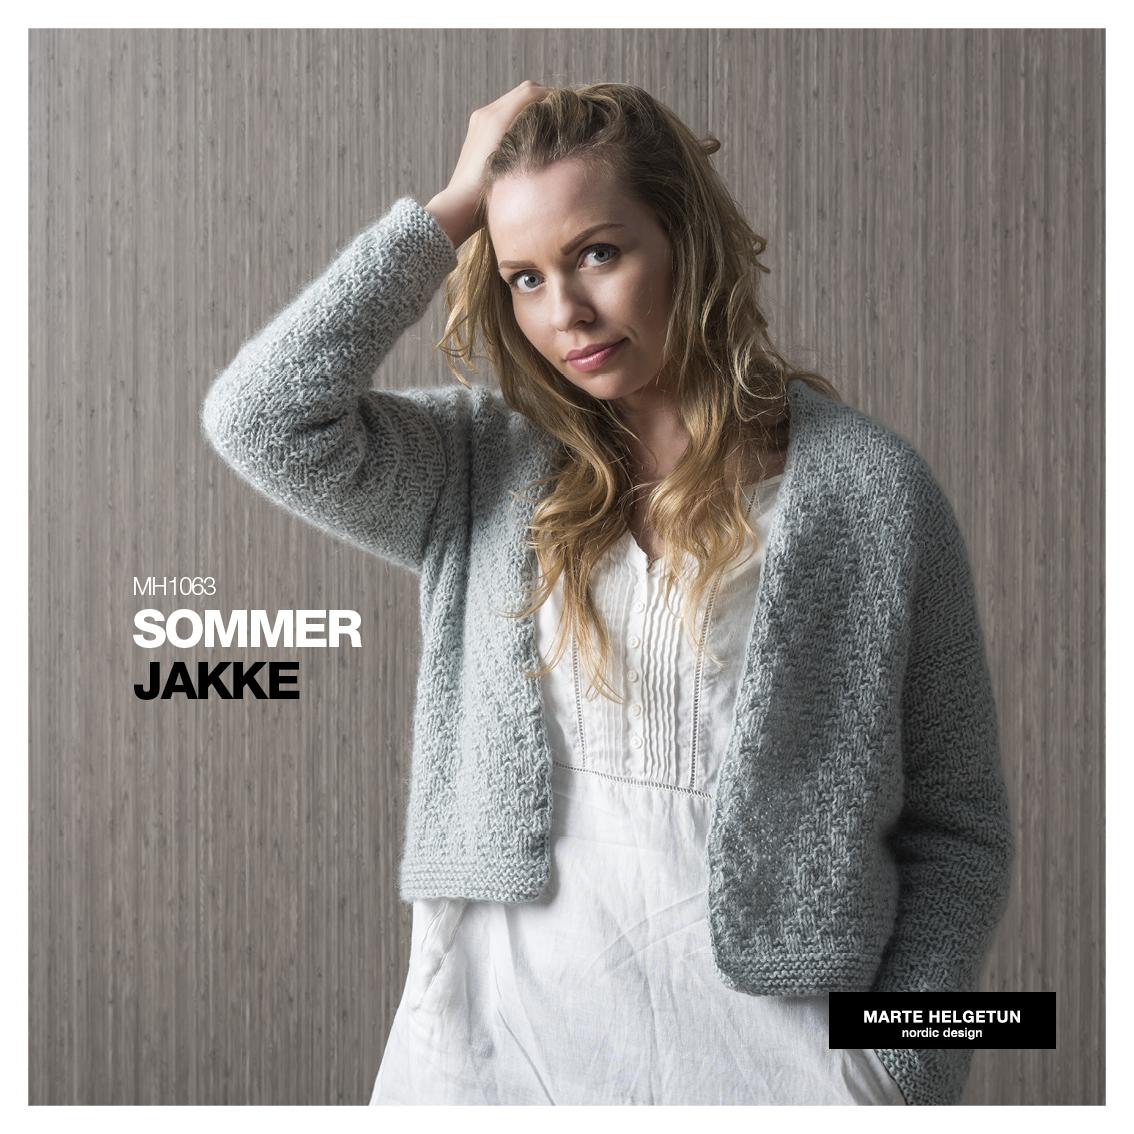 85a643fc Sommerjakke - Dame - Oppskrifter og materialpakker - Design by Marte  Helgetun